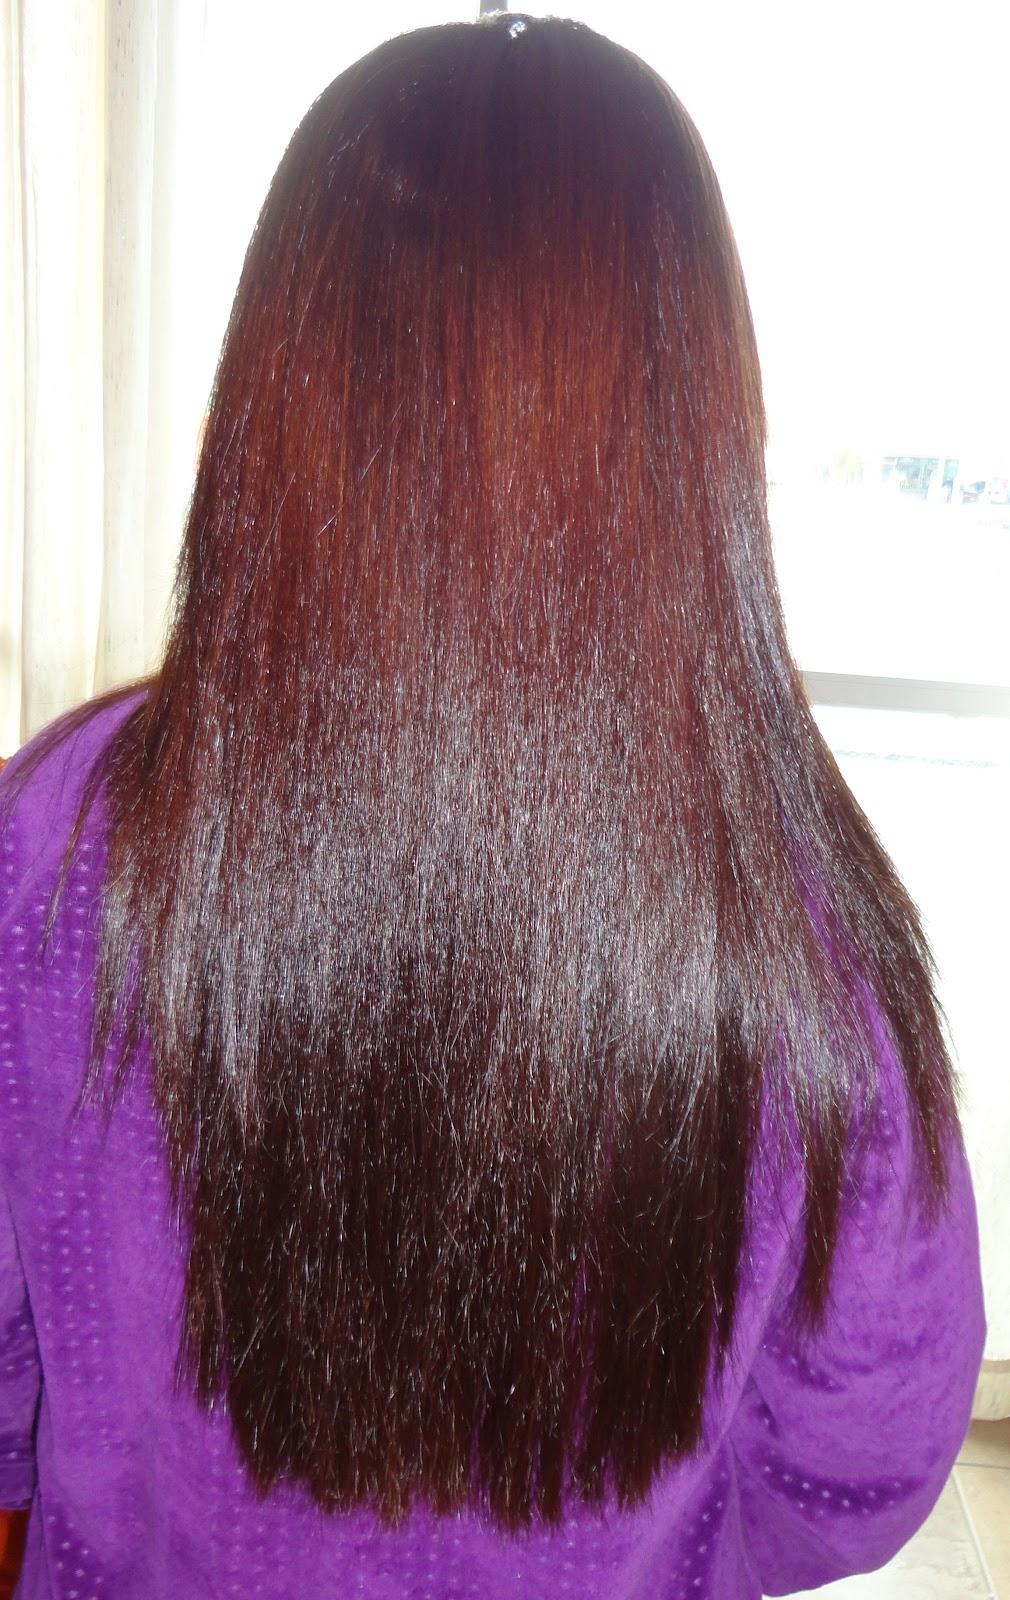 39f3bca24 ... sentir o cabelo bem áspero, na última aplicação do shampoo, deixei ele  agir nos cabelos por 5 minutos. Após lavar sequei os cabelos 100% com  secador.